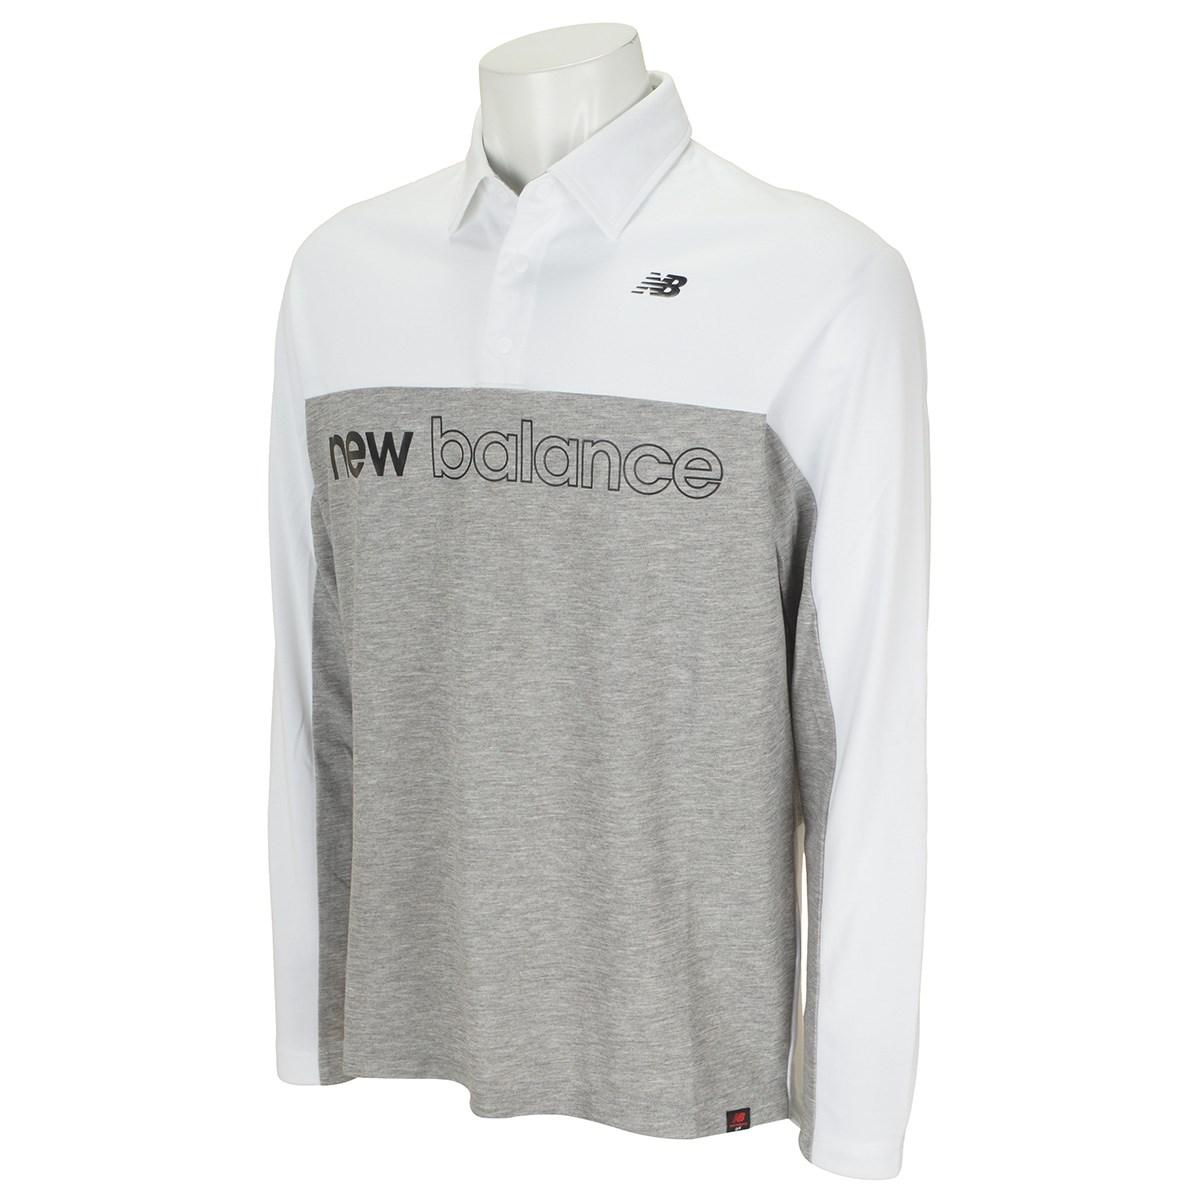 ニューバランス New Balance SPORT カラー 長袖ポロシャツ 4 ホワイト 030